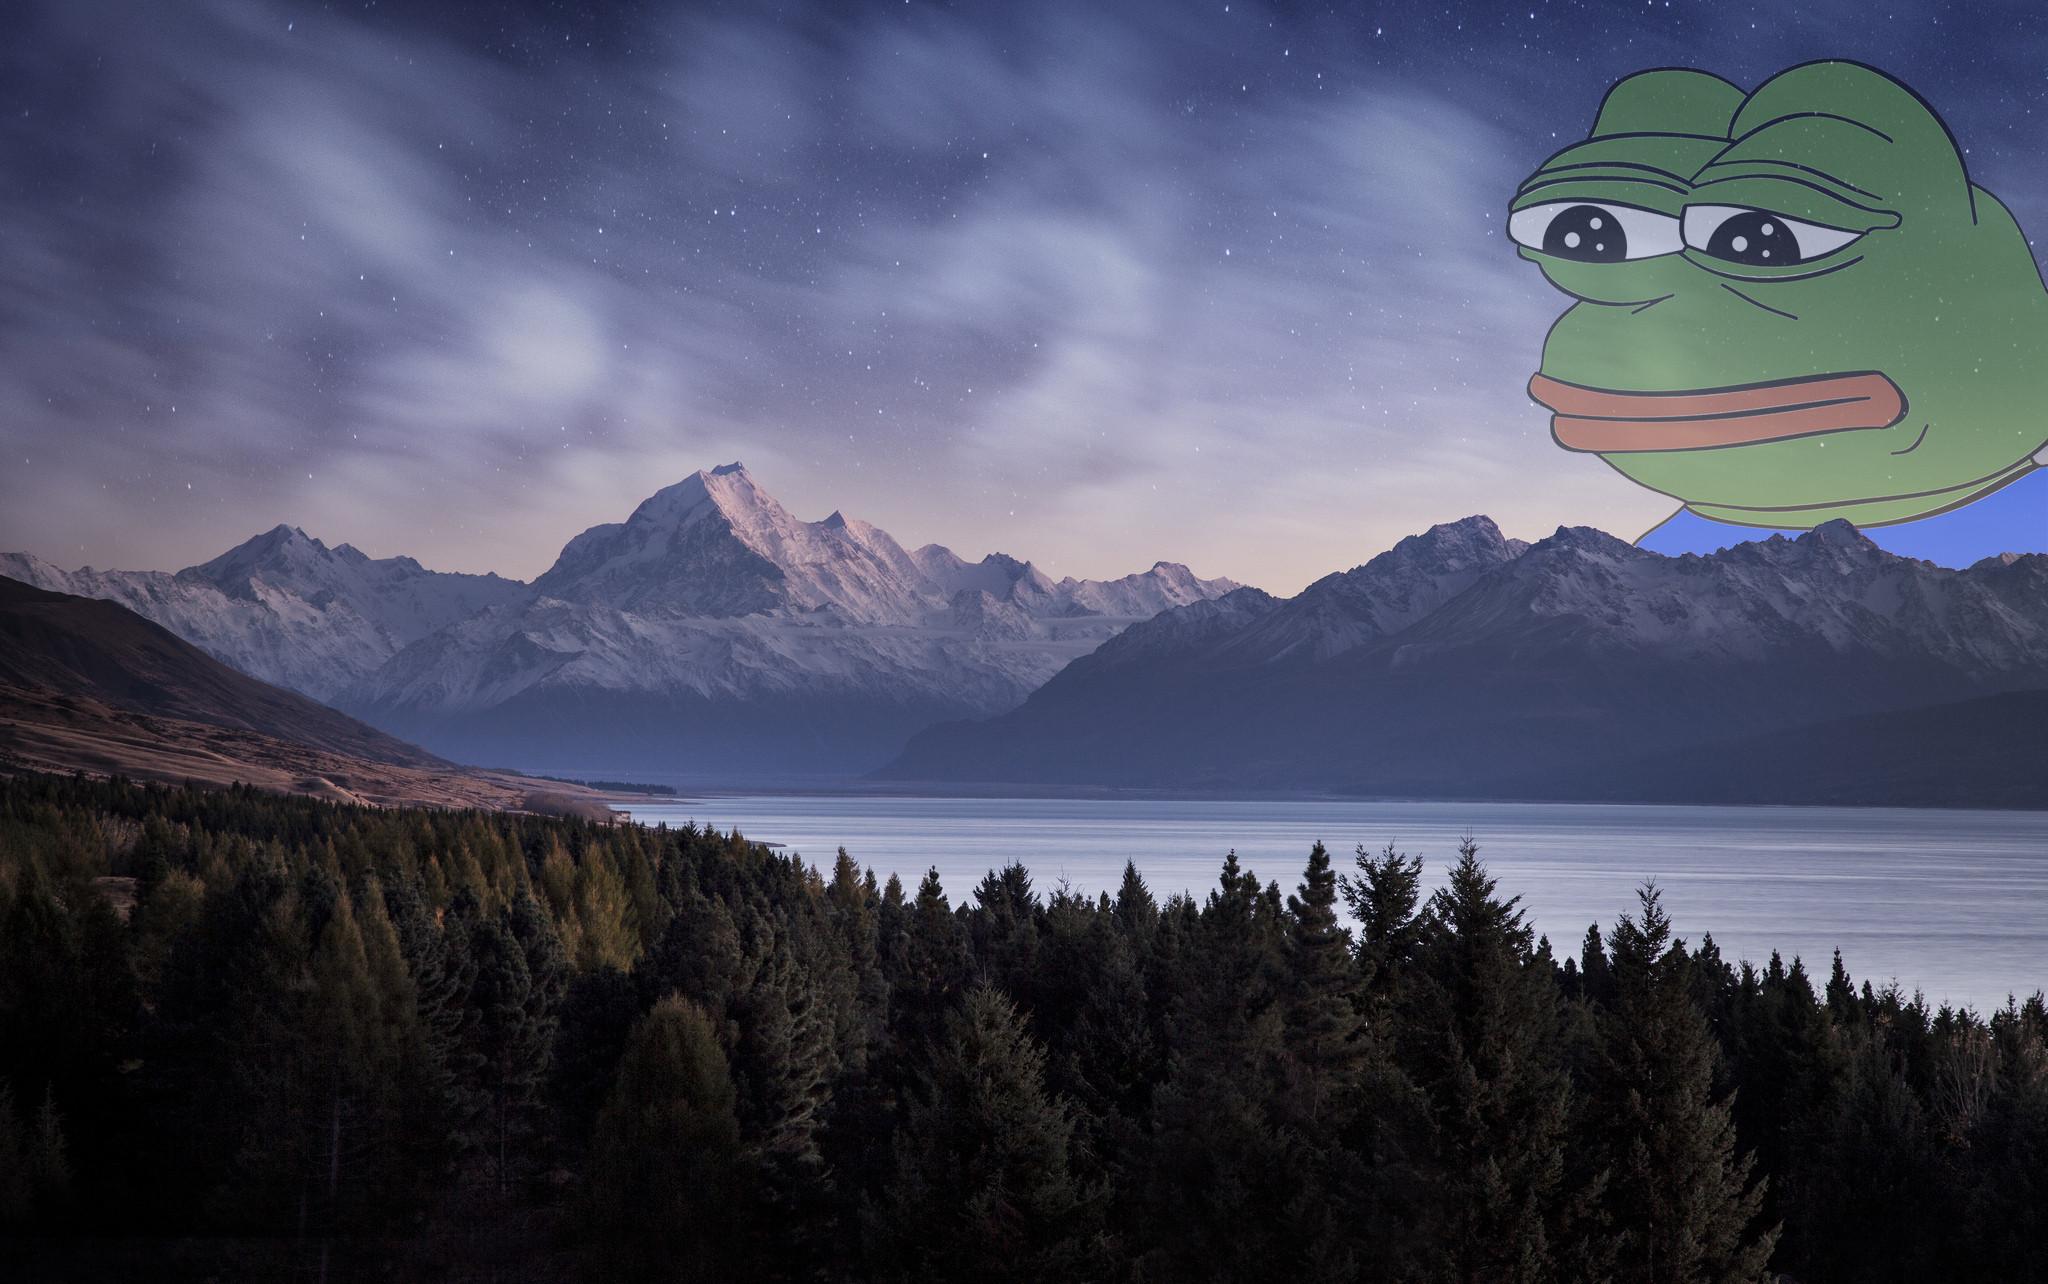 Pepe Meme Wallpaper – WallpaperSafari